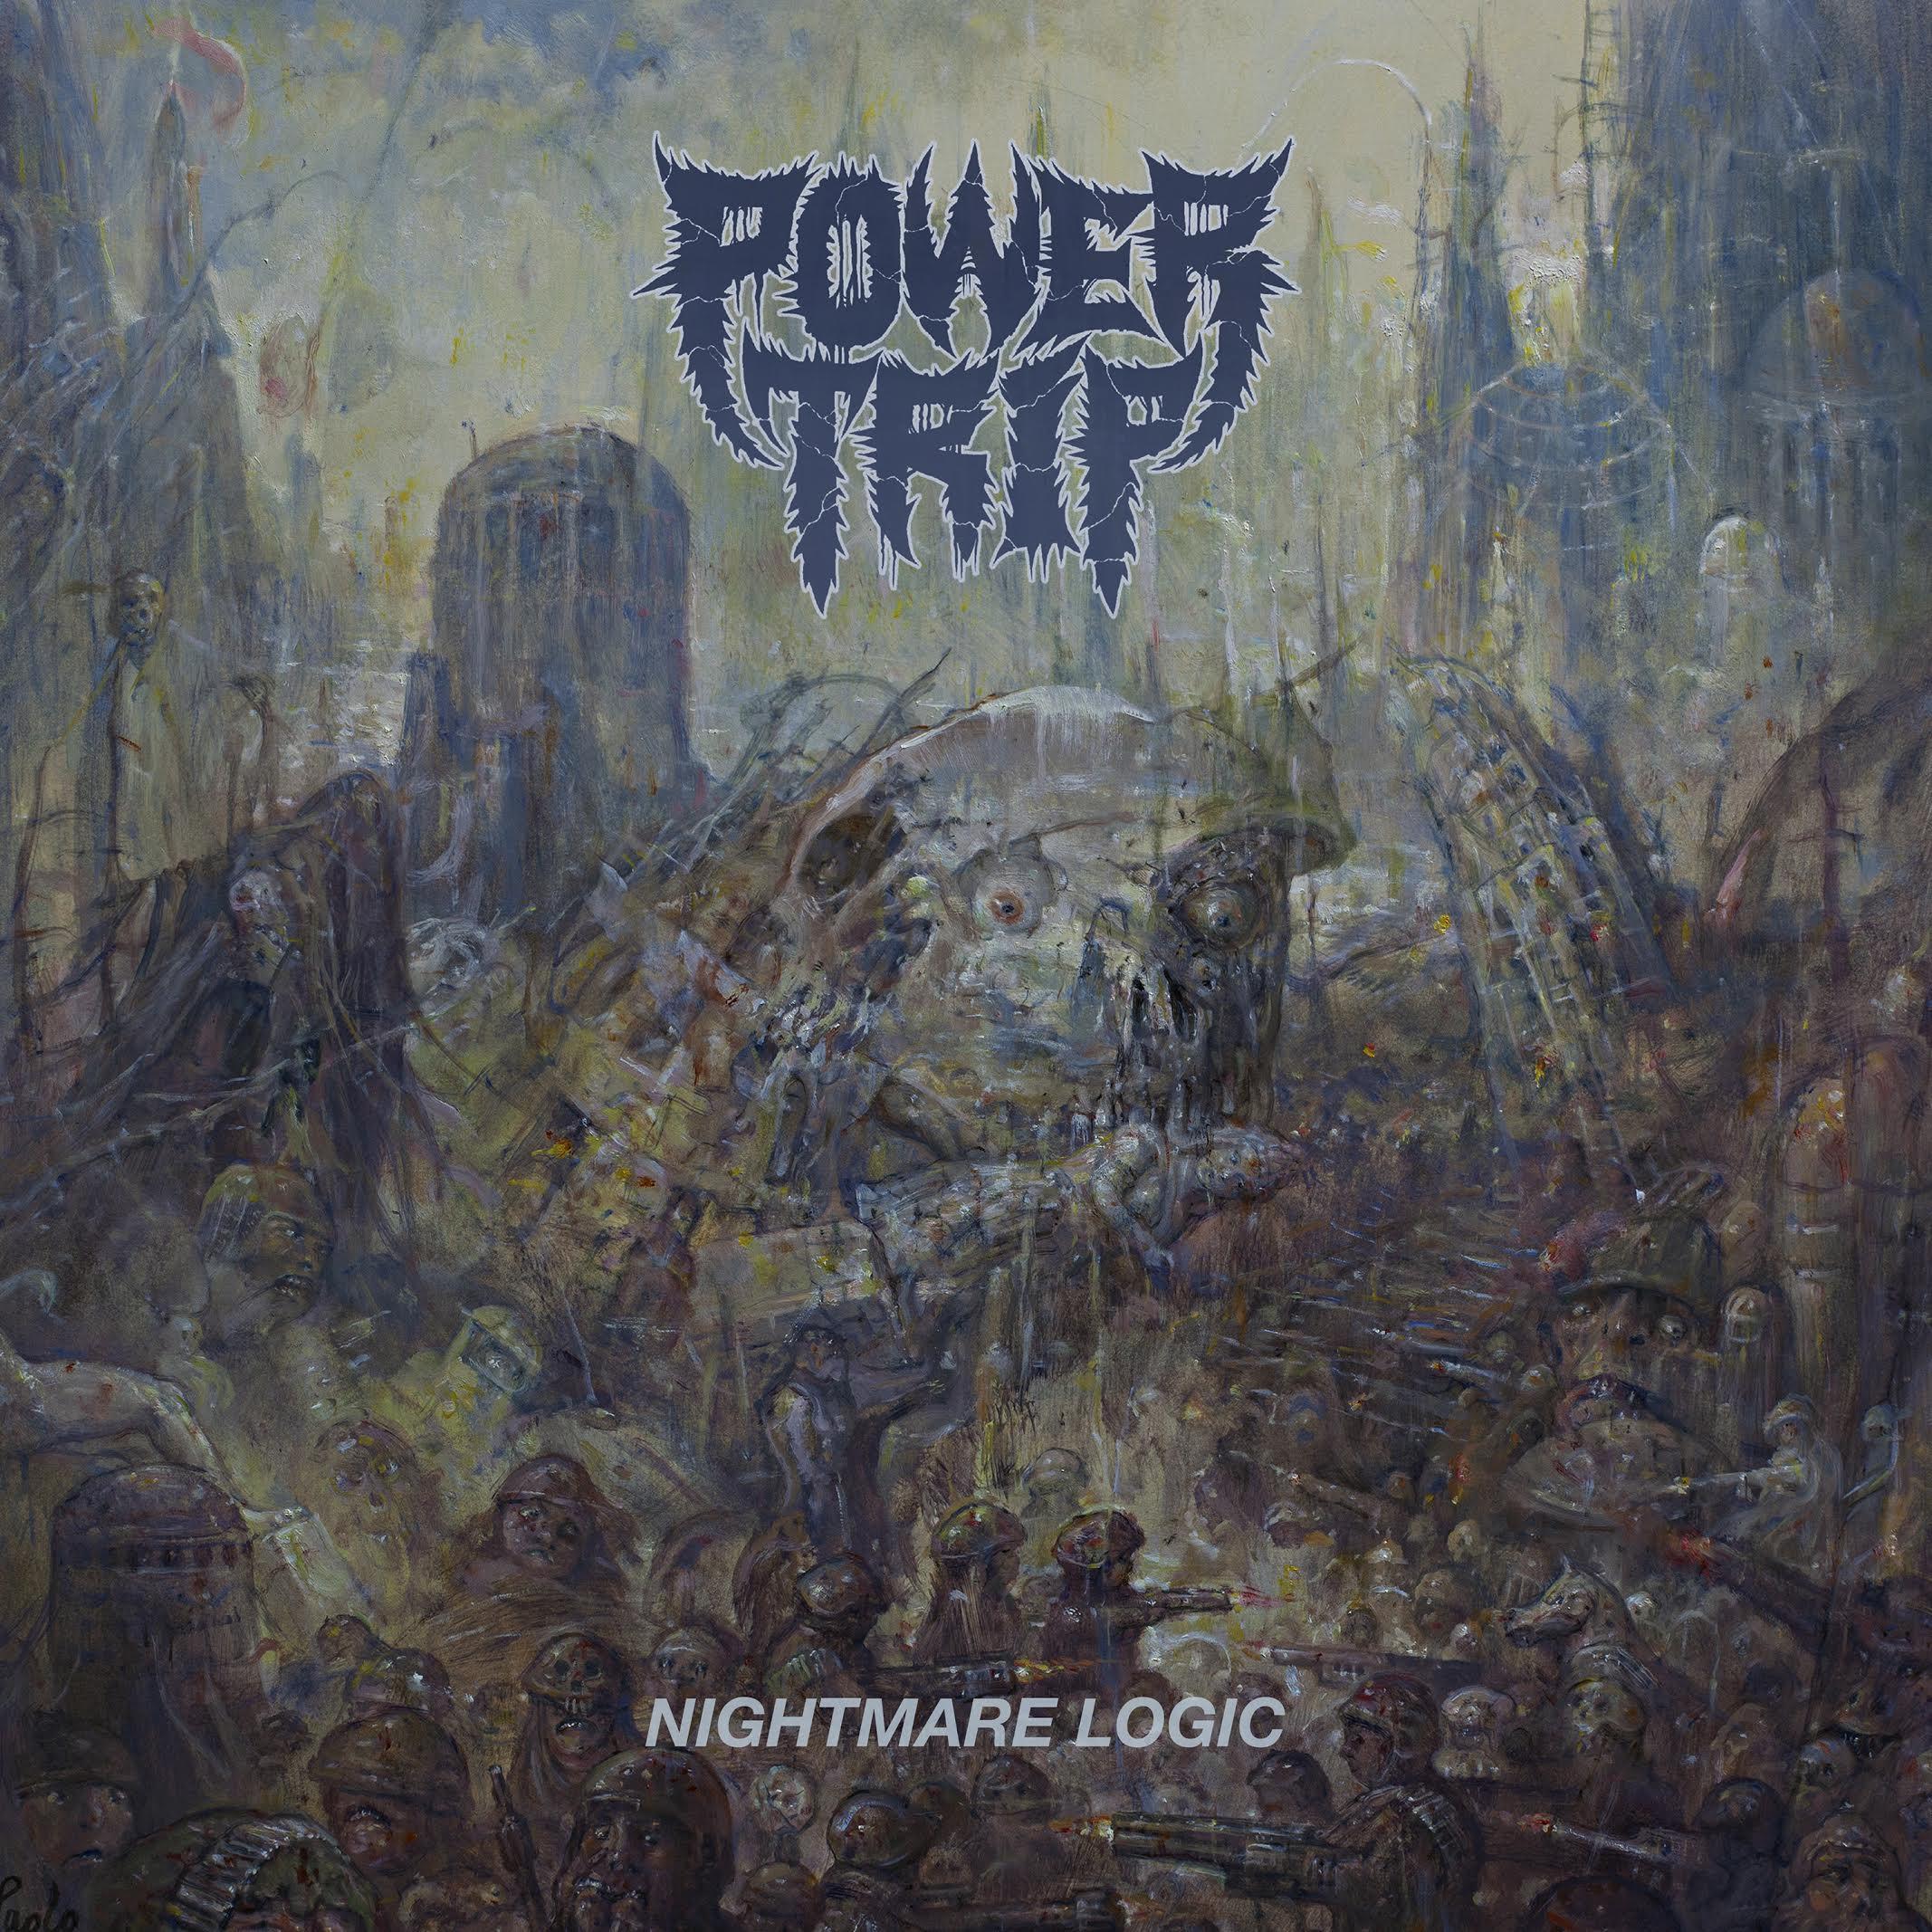 10. Power Trip - Nightmare Logic<br /><br />Fontos lemez tehát a Nightmare Logic ismét. Mert olyan veszett örökséget köpködhet a moshpit centrumába, amit úriemberekké vált vagy levitézlett elődeik már nem feltétlenül tudnak odaköpni. Pedig valakinek oda kell.